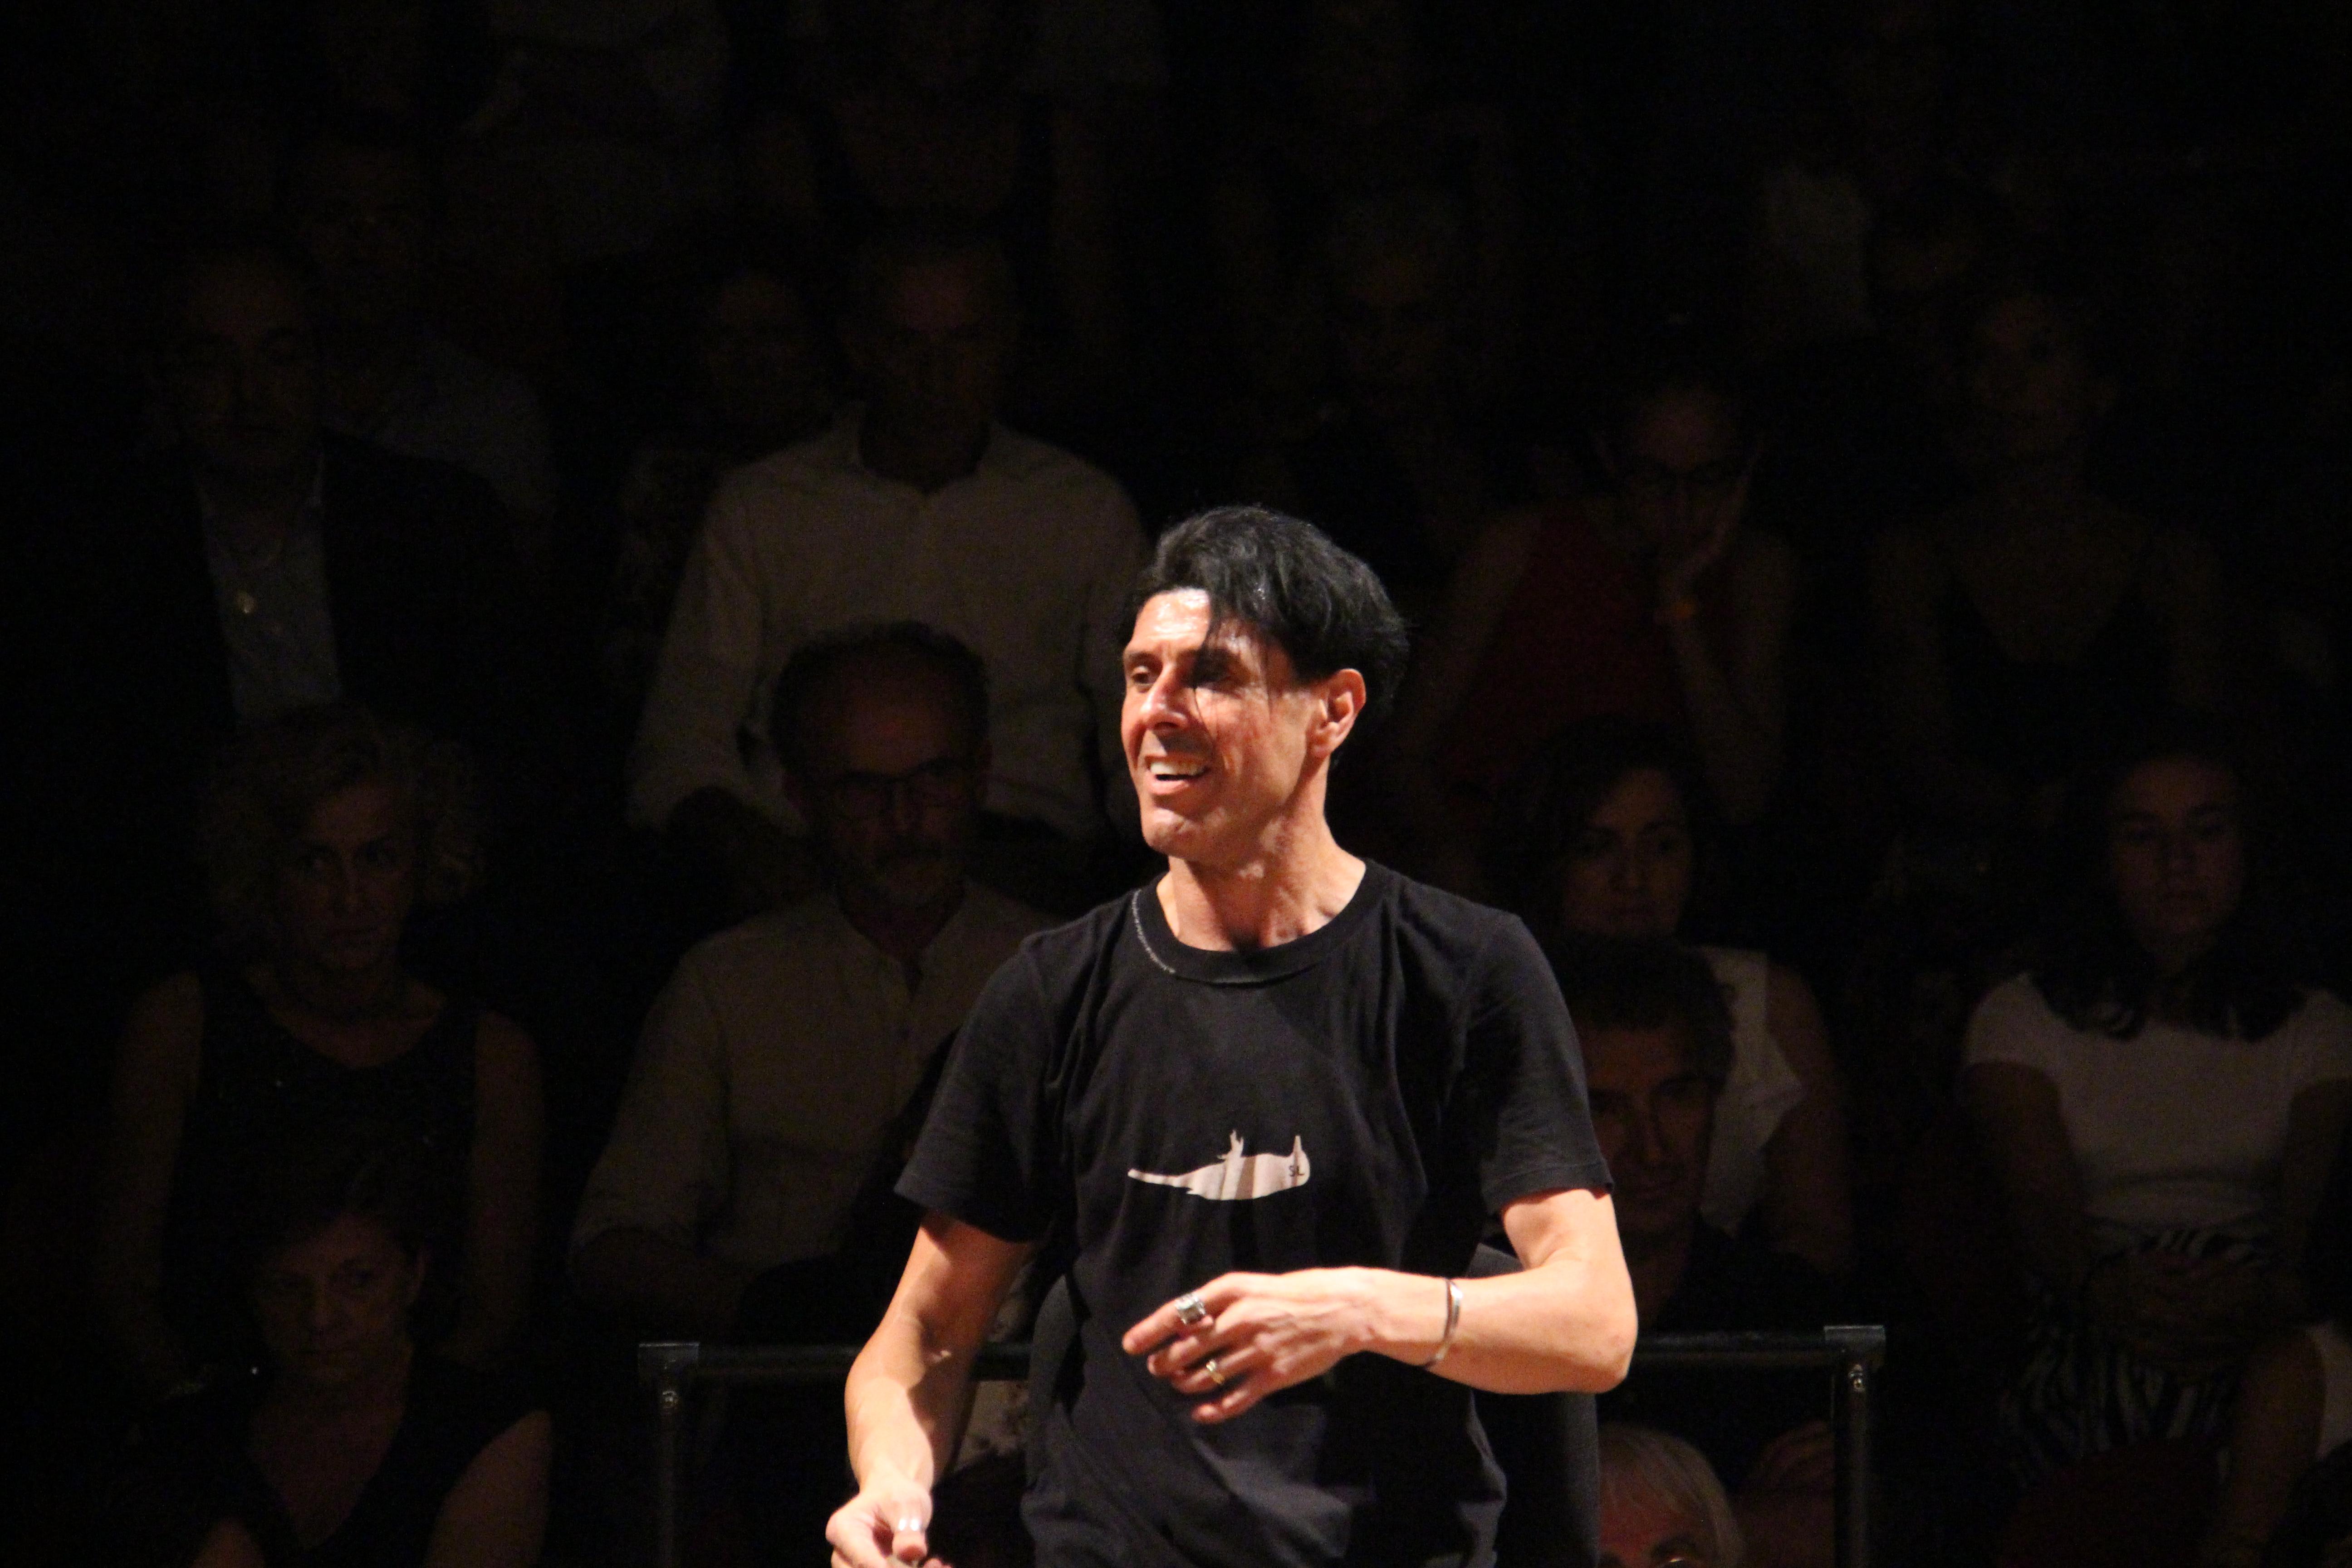 teatro-sociale-gualtieri-ezio-bosso-europe-philharmonic-orchestra-10